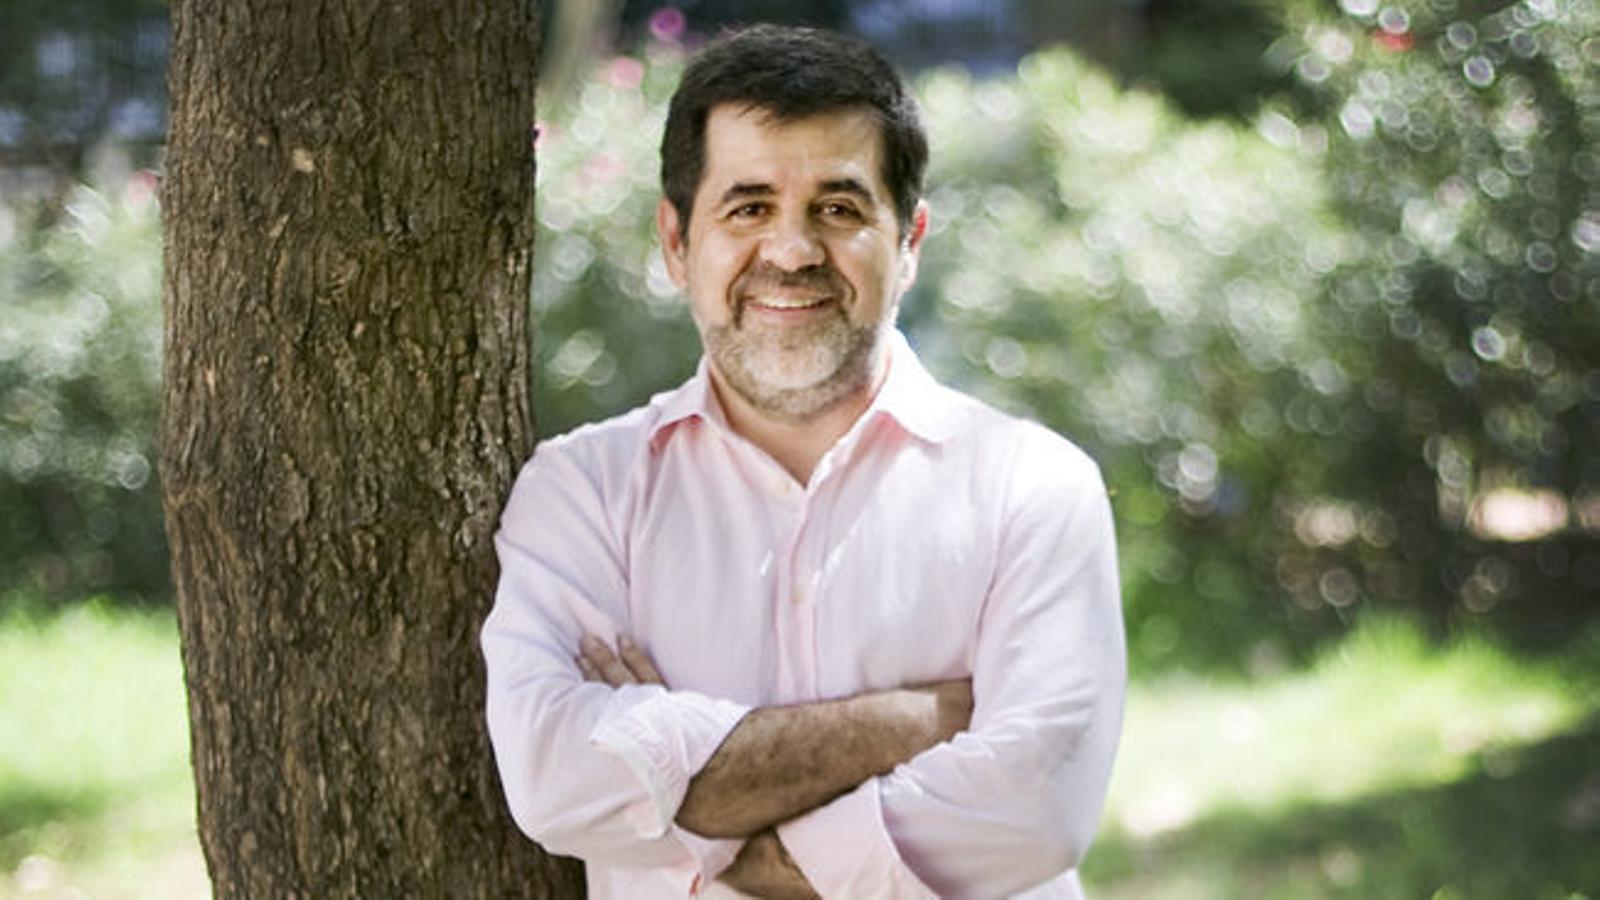 L'ONU demana a l'estat espanyol que garanteixi els drets polítics de Jordi Sànchez